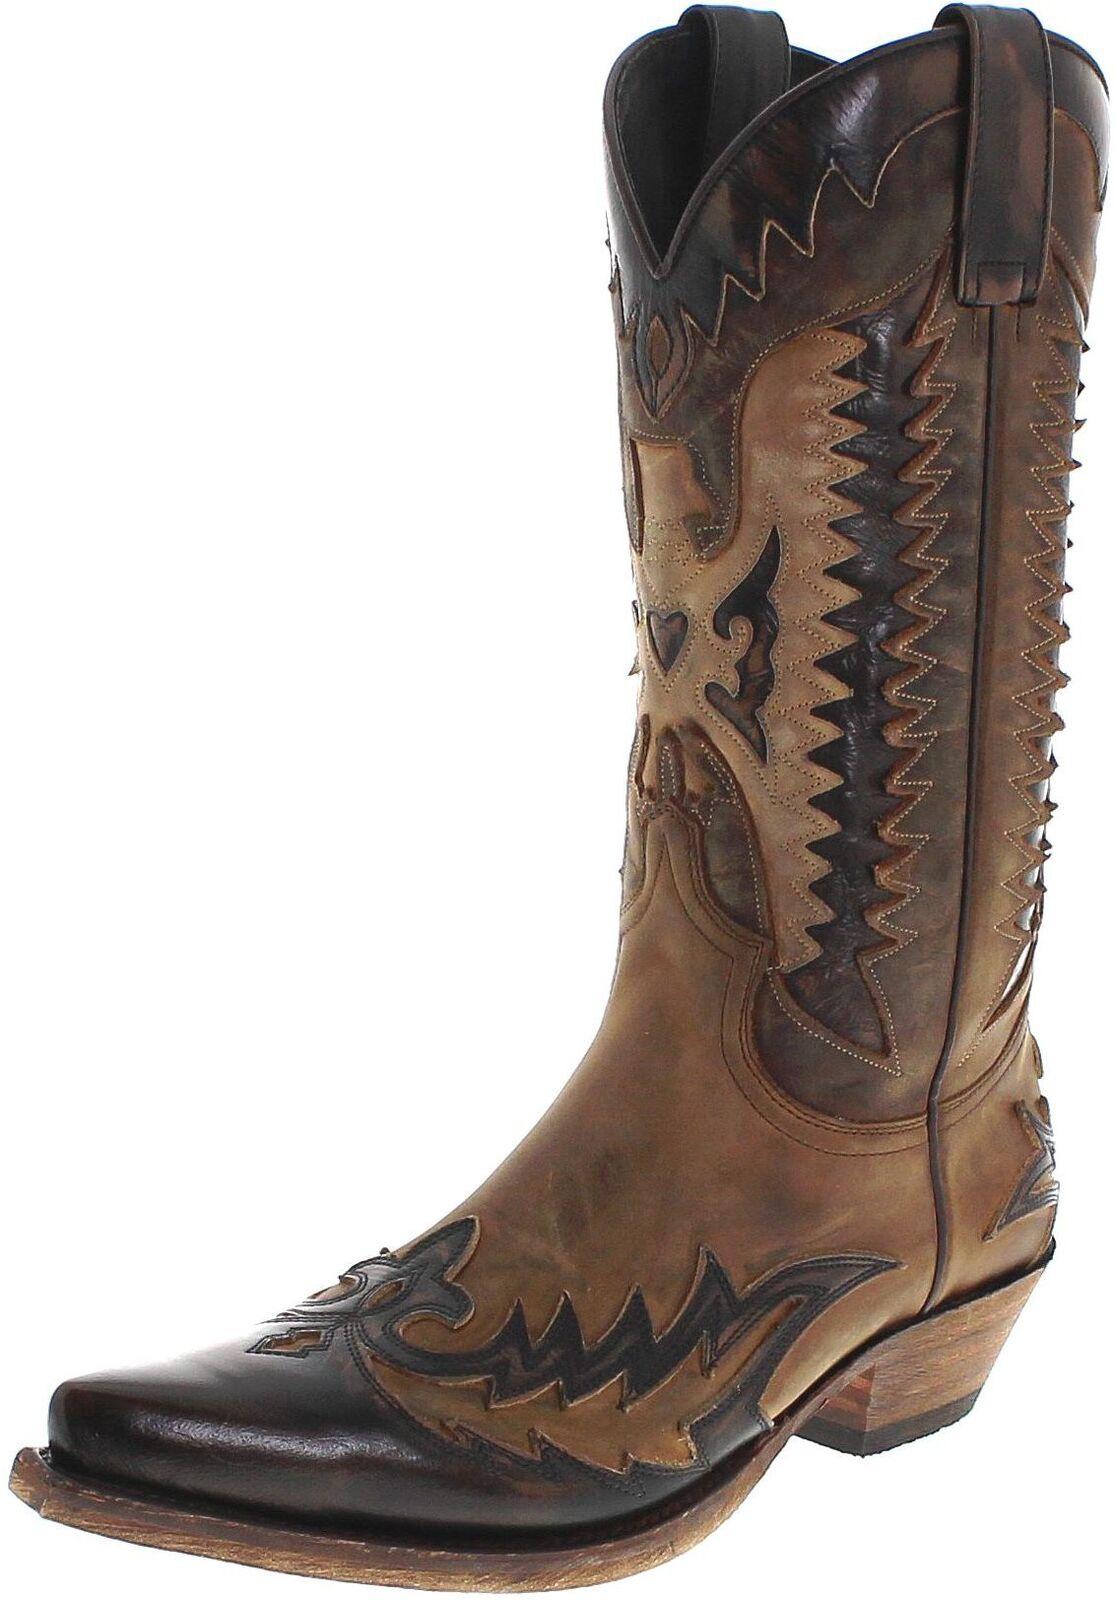 Sendra bottes 13040 Mad Dog Tang Lavado Bottes De Cowboy Pour Homme Marron